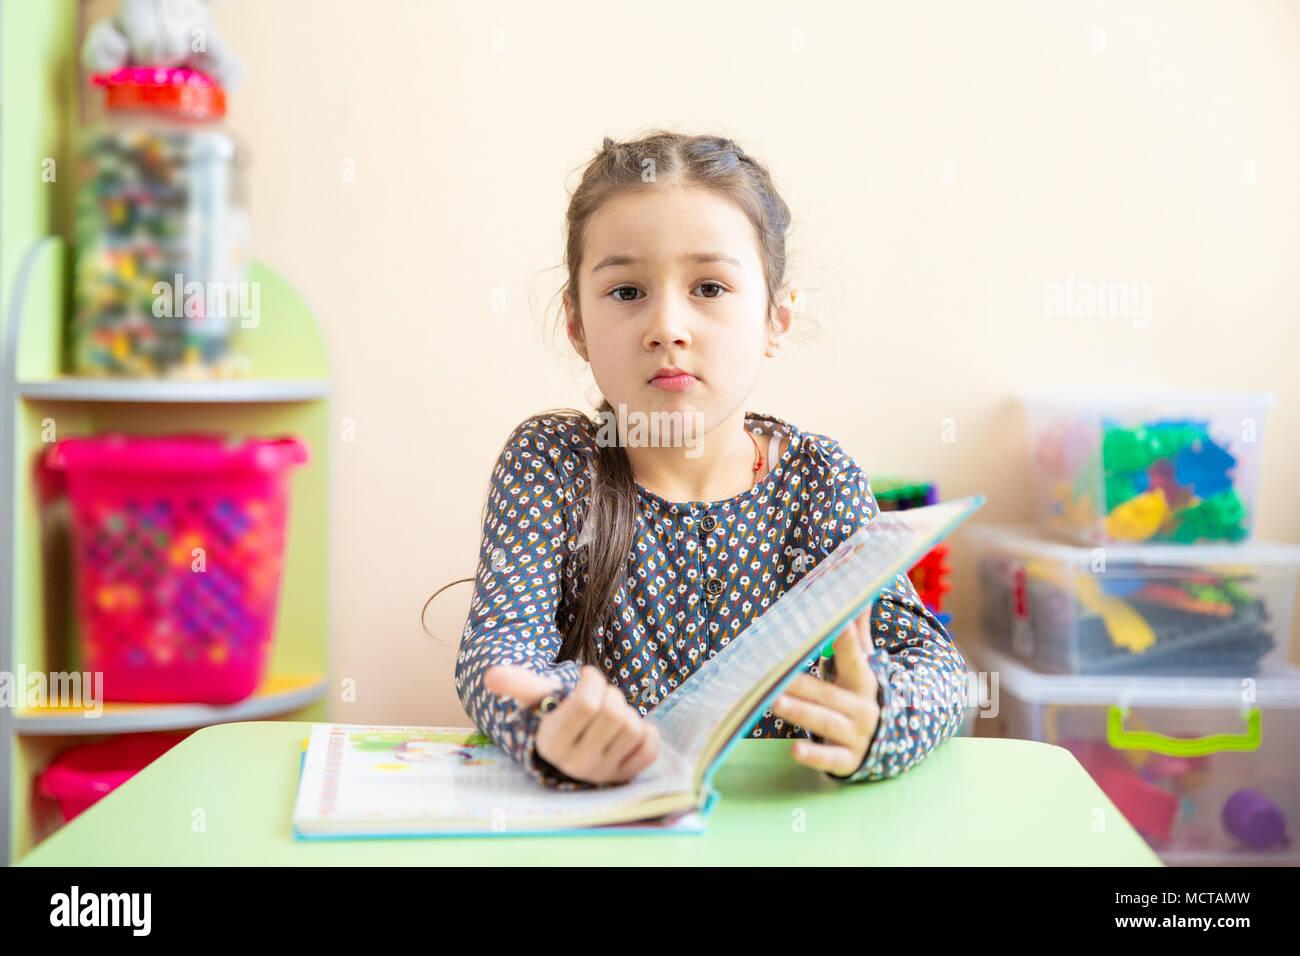 Cute Little Girl haciendo los deberes, leer un libro, escribir, páginas para colorear y pintar. Los niños de la pintura. Los niños dibujar. Niño con libros en casa. Los niños preescolares aprenden a leer y a escribir. Niño creativo Imagen De Stock